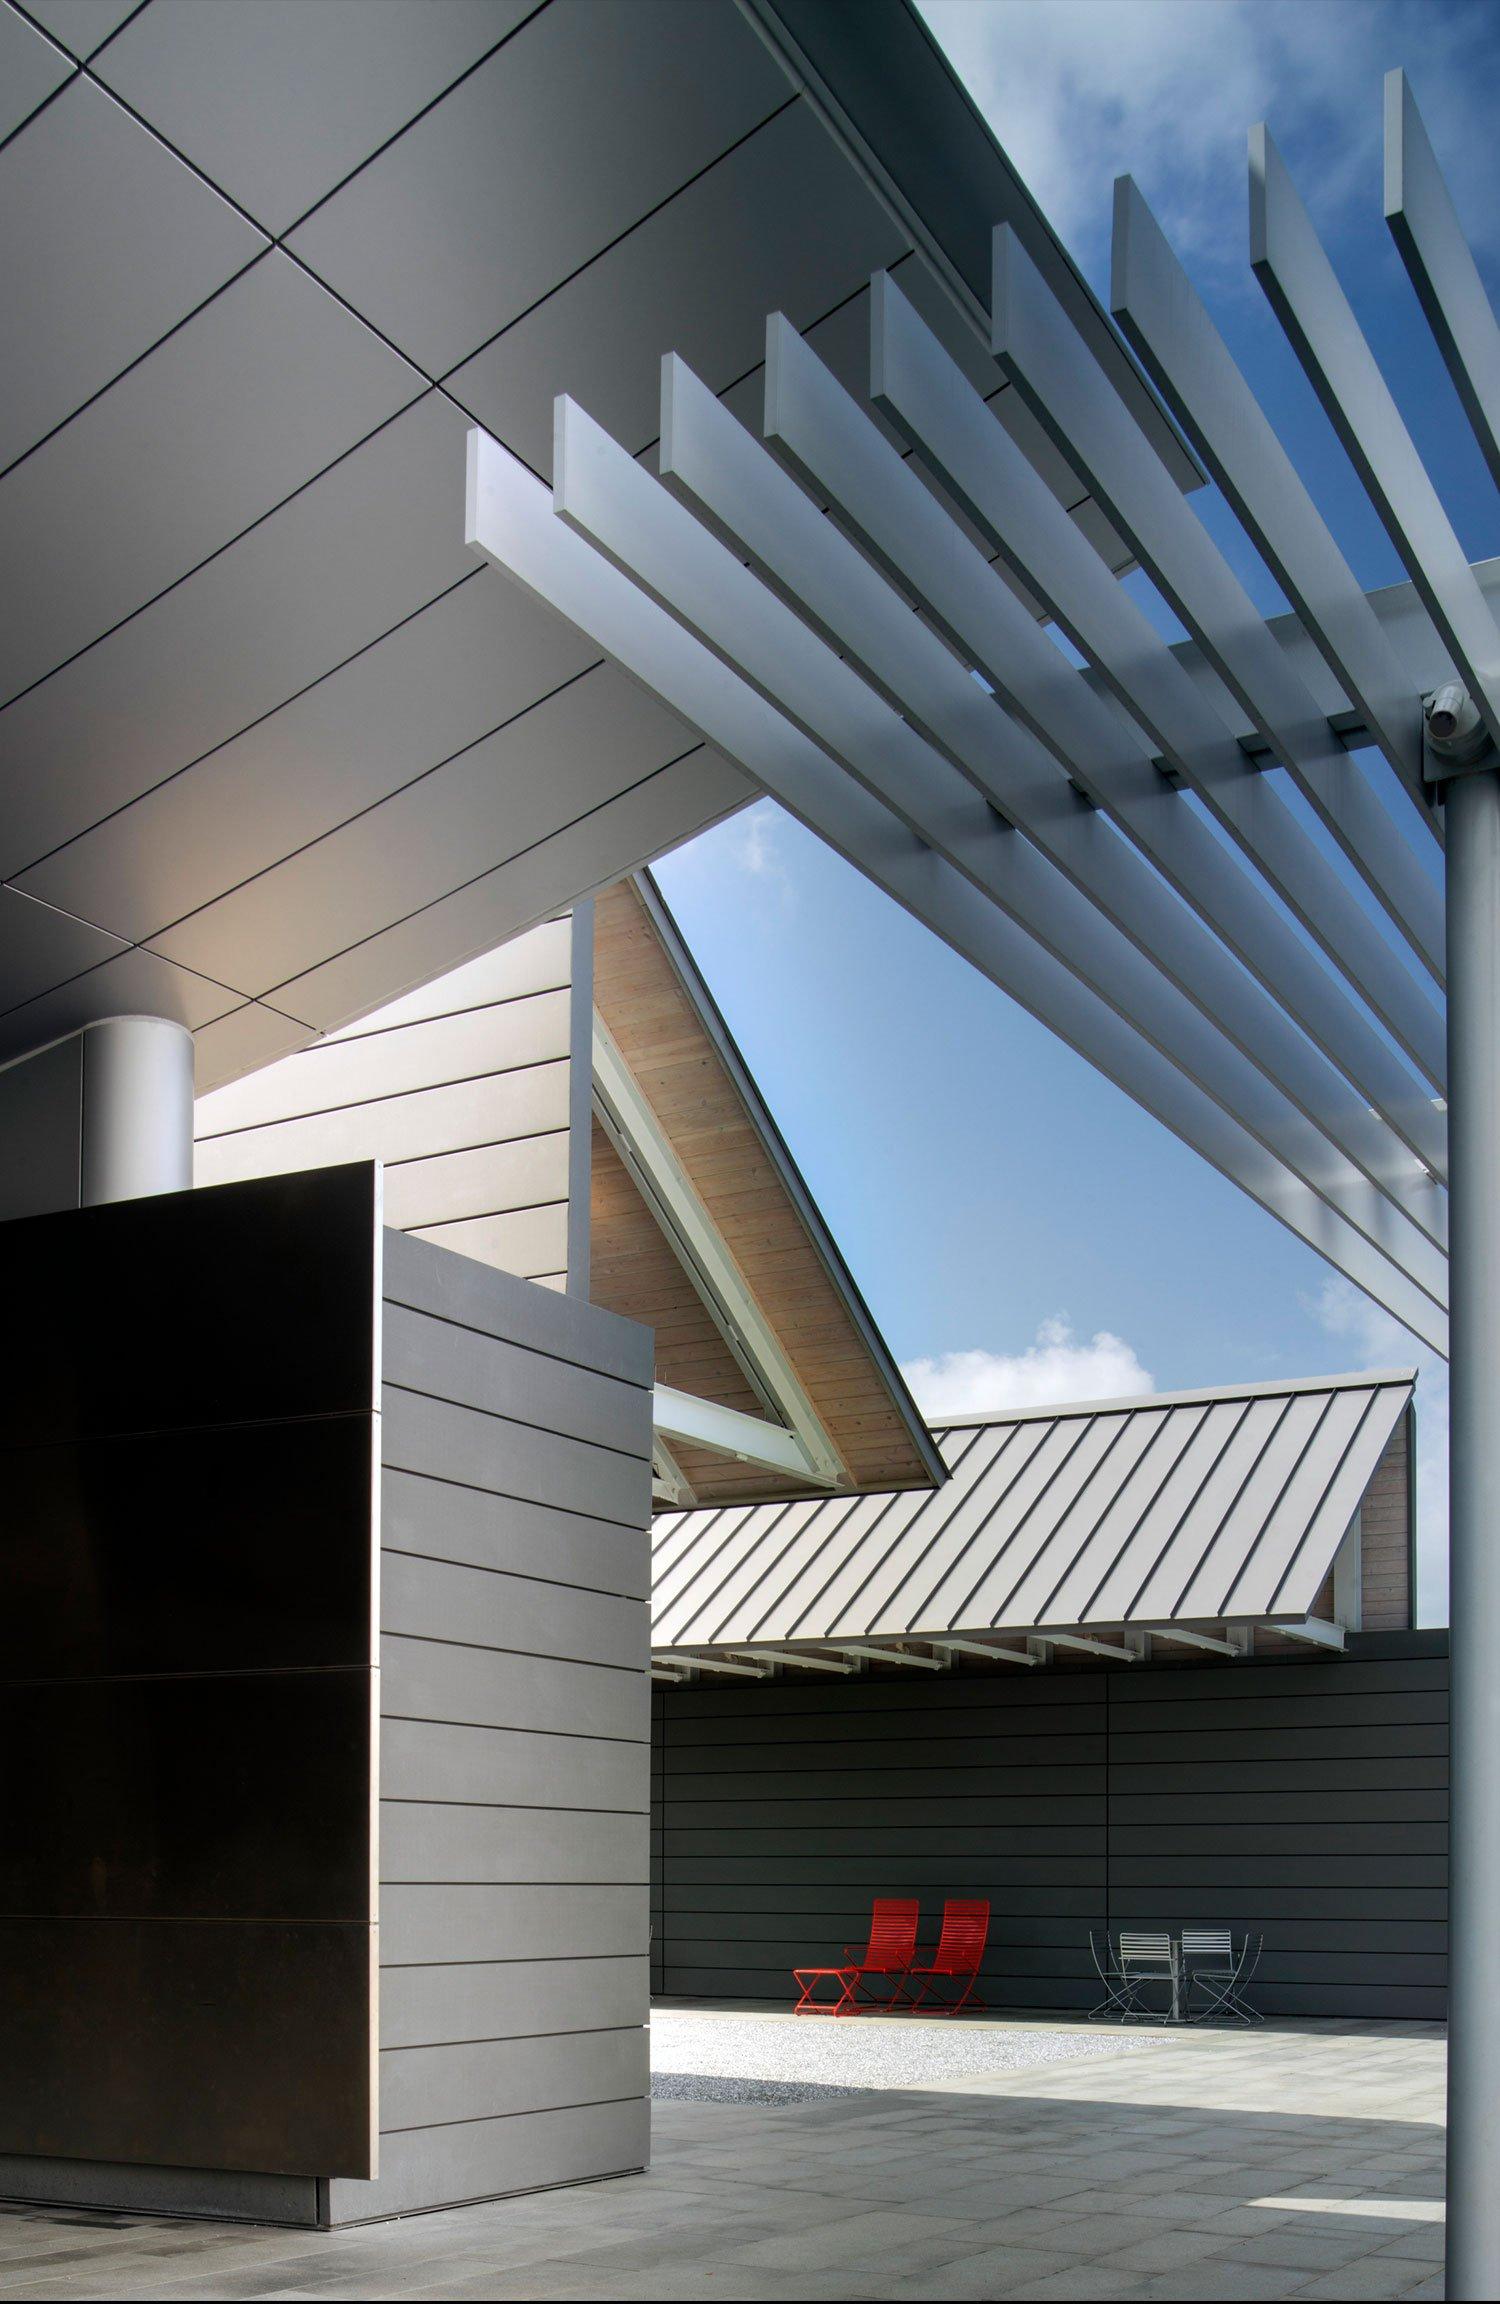 Pavilion details Nic Lehoux Photography